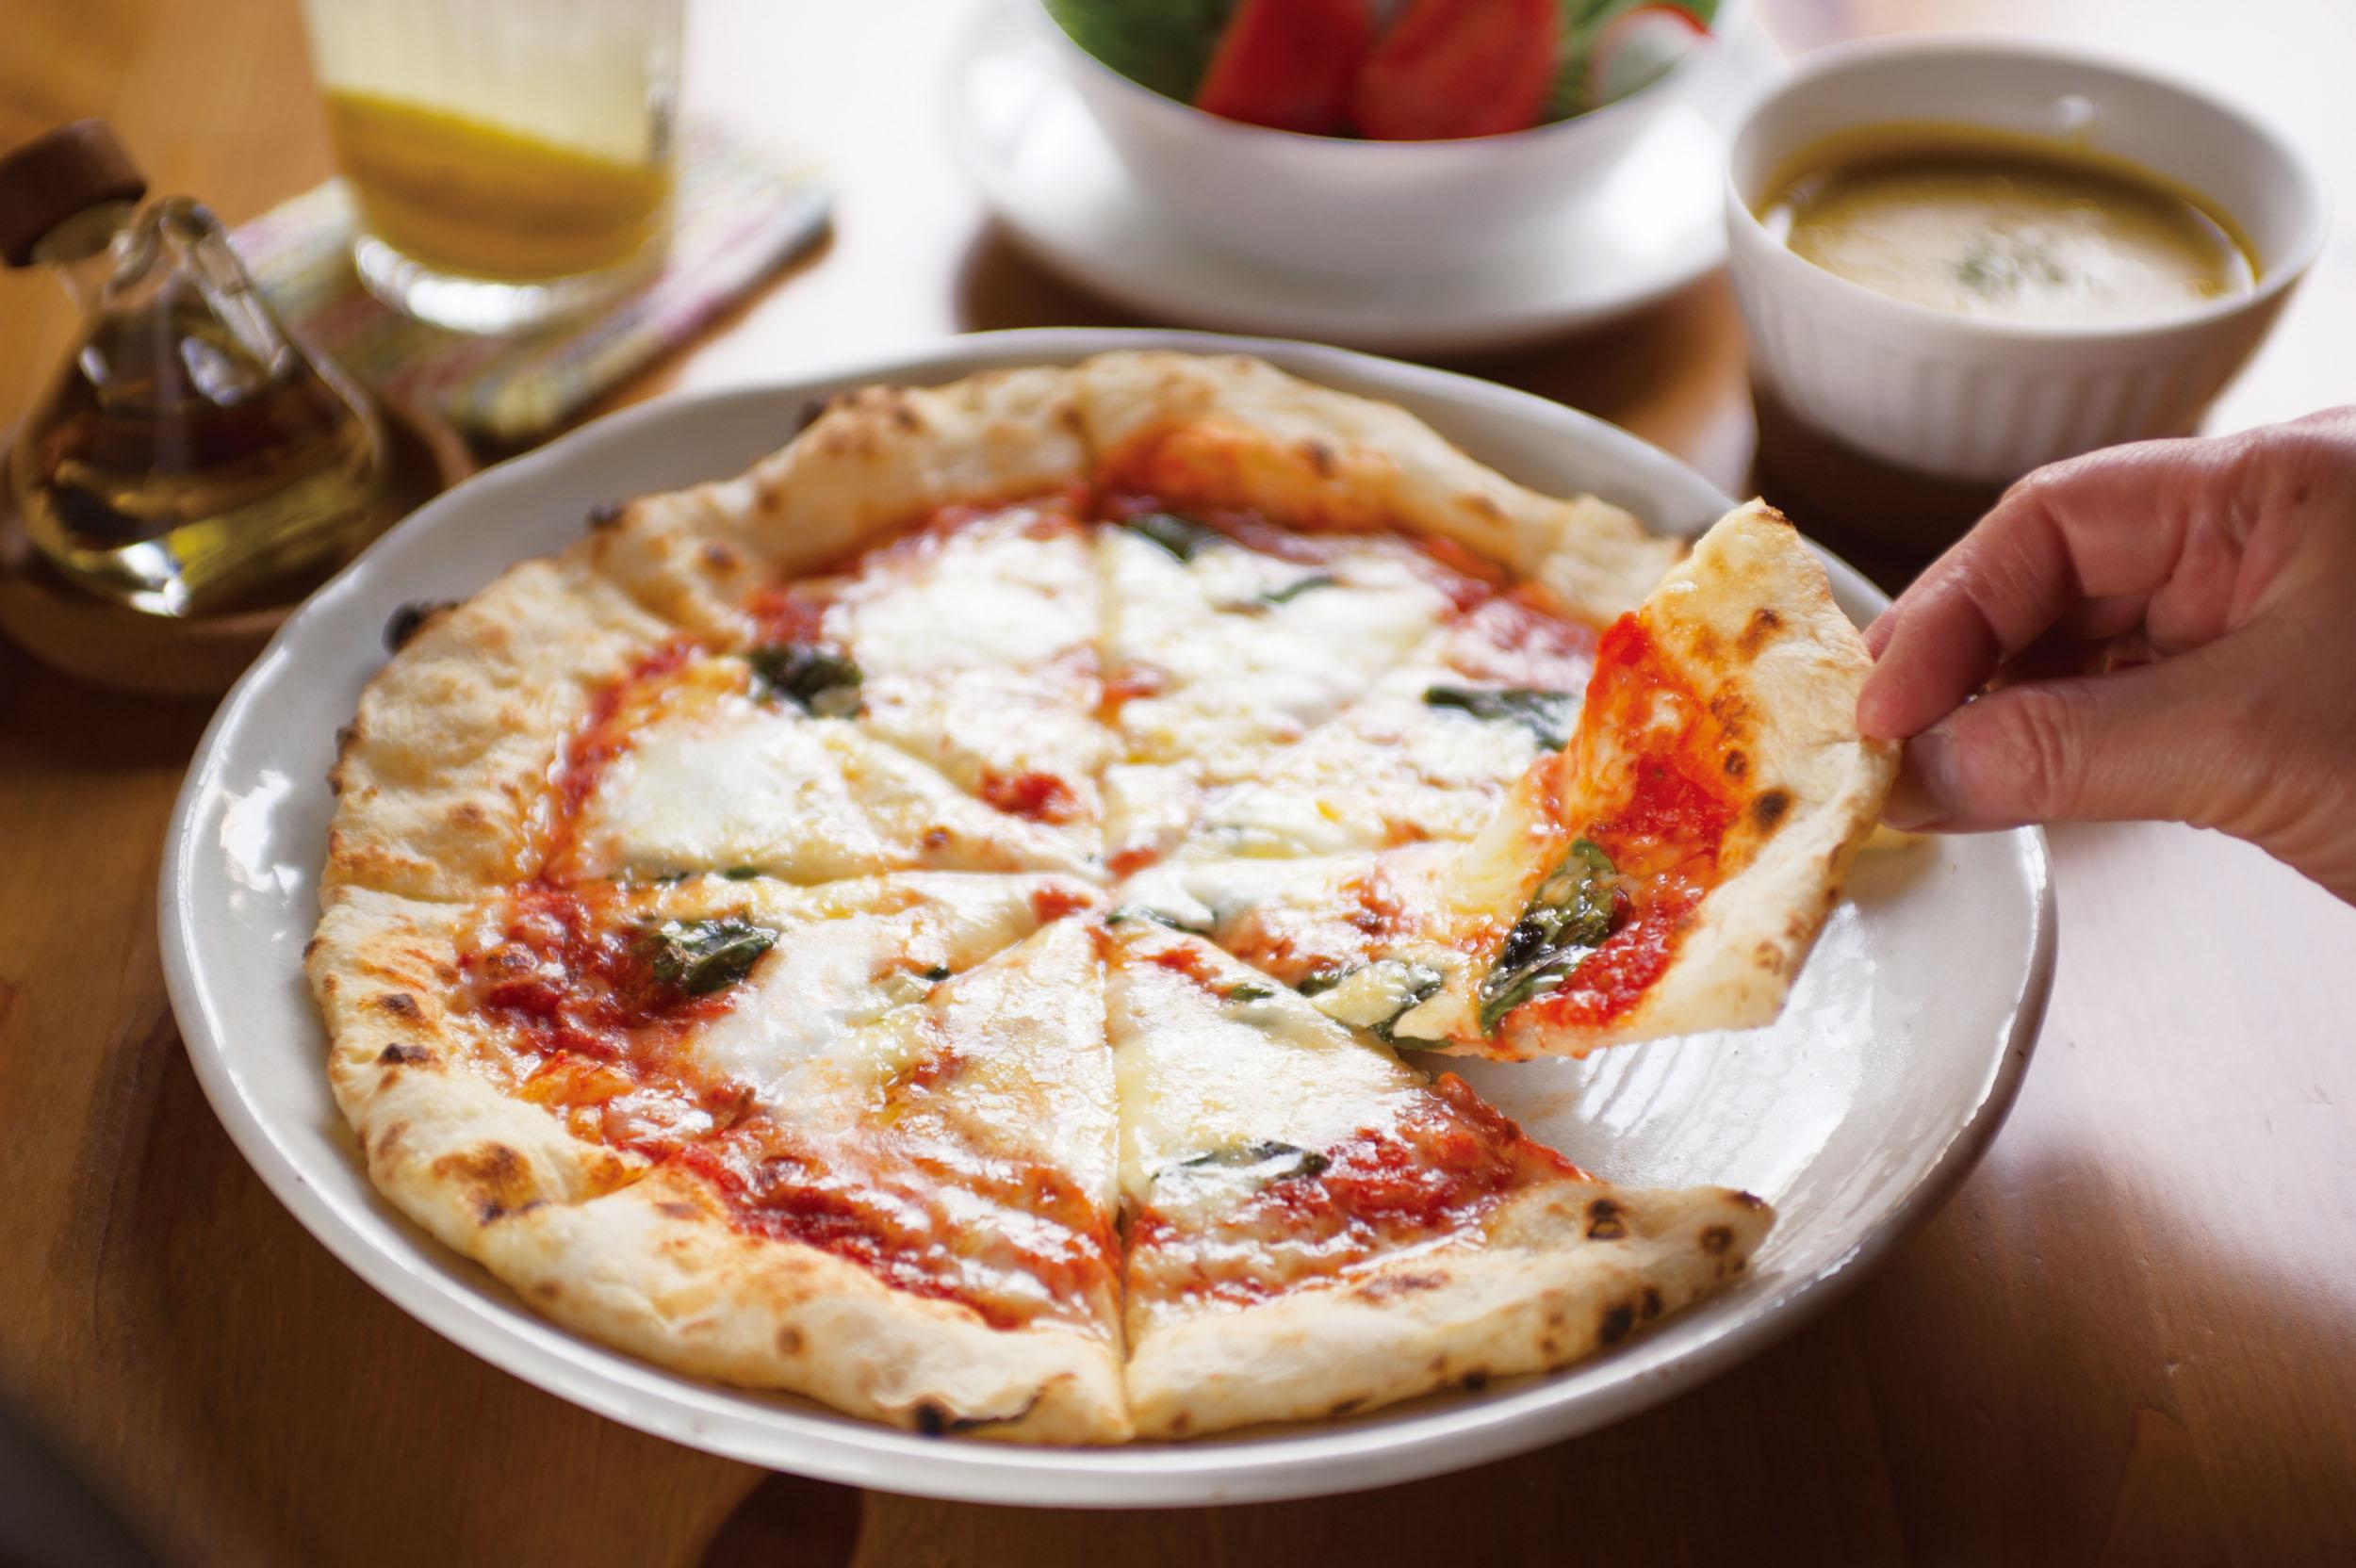 マルゲリータ1540円<br /> もちっとした歯触りと薪焼きならではの香ばしさが特徴。サラダなどが付くランチセットなら1705円。差額分の支払いでピッツァの変更も可能